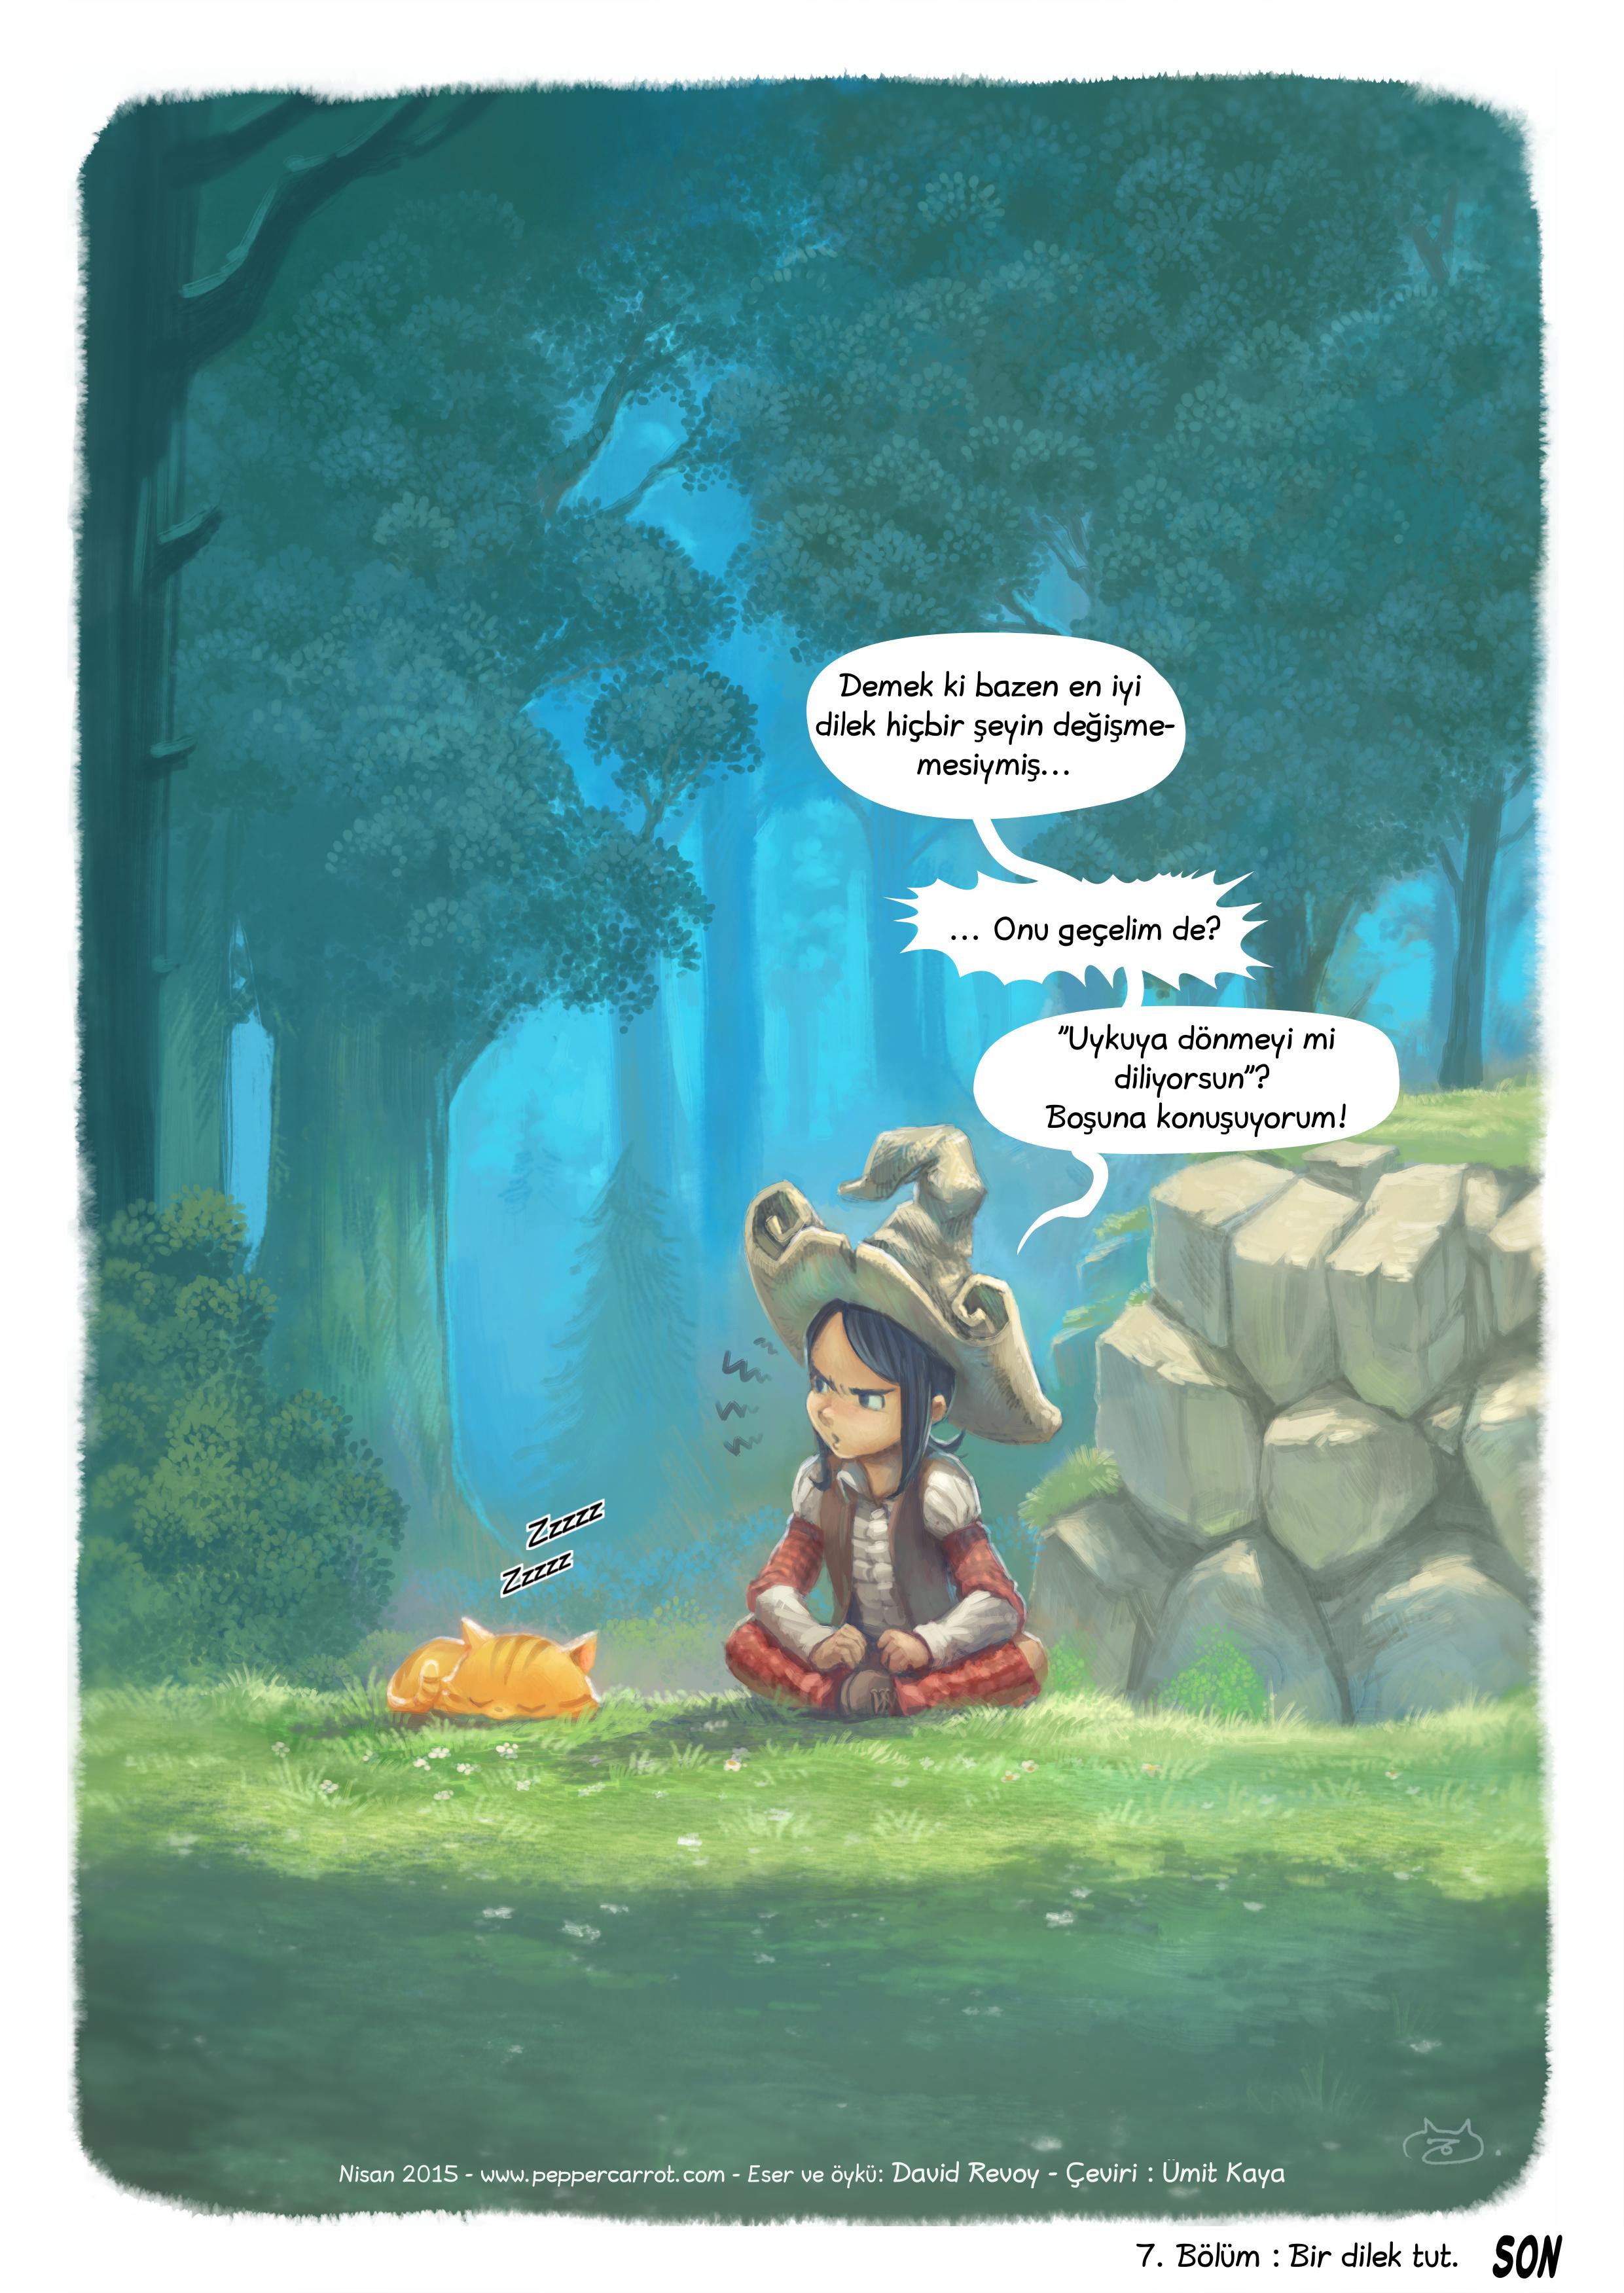 7. Bölüm : Bir dilek tut, Page 5